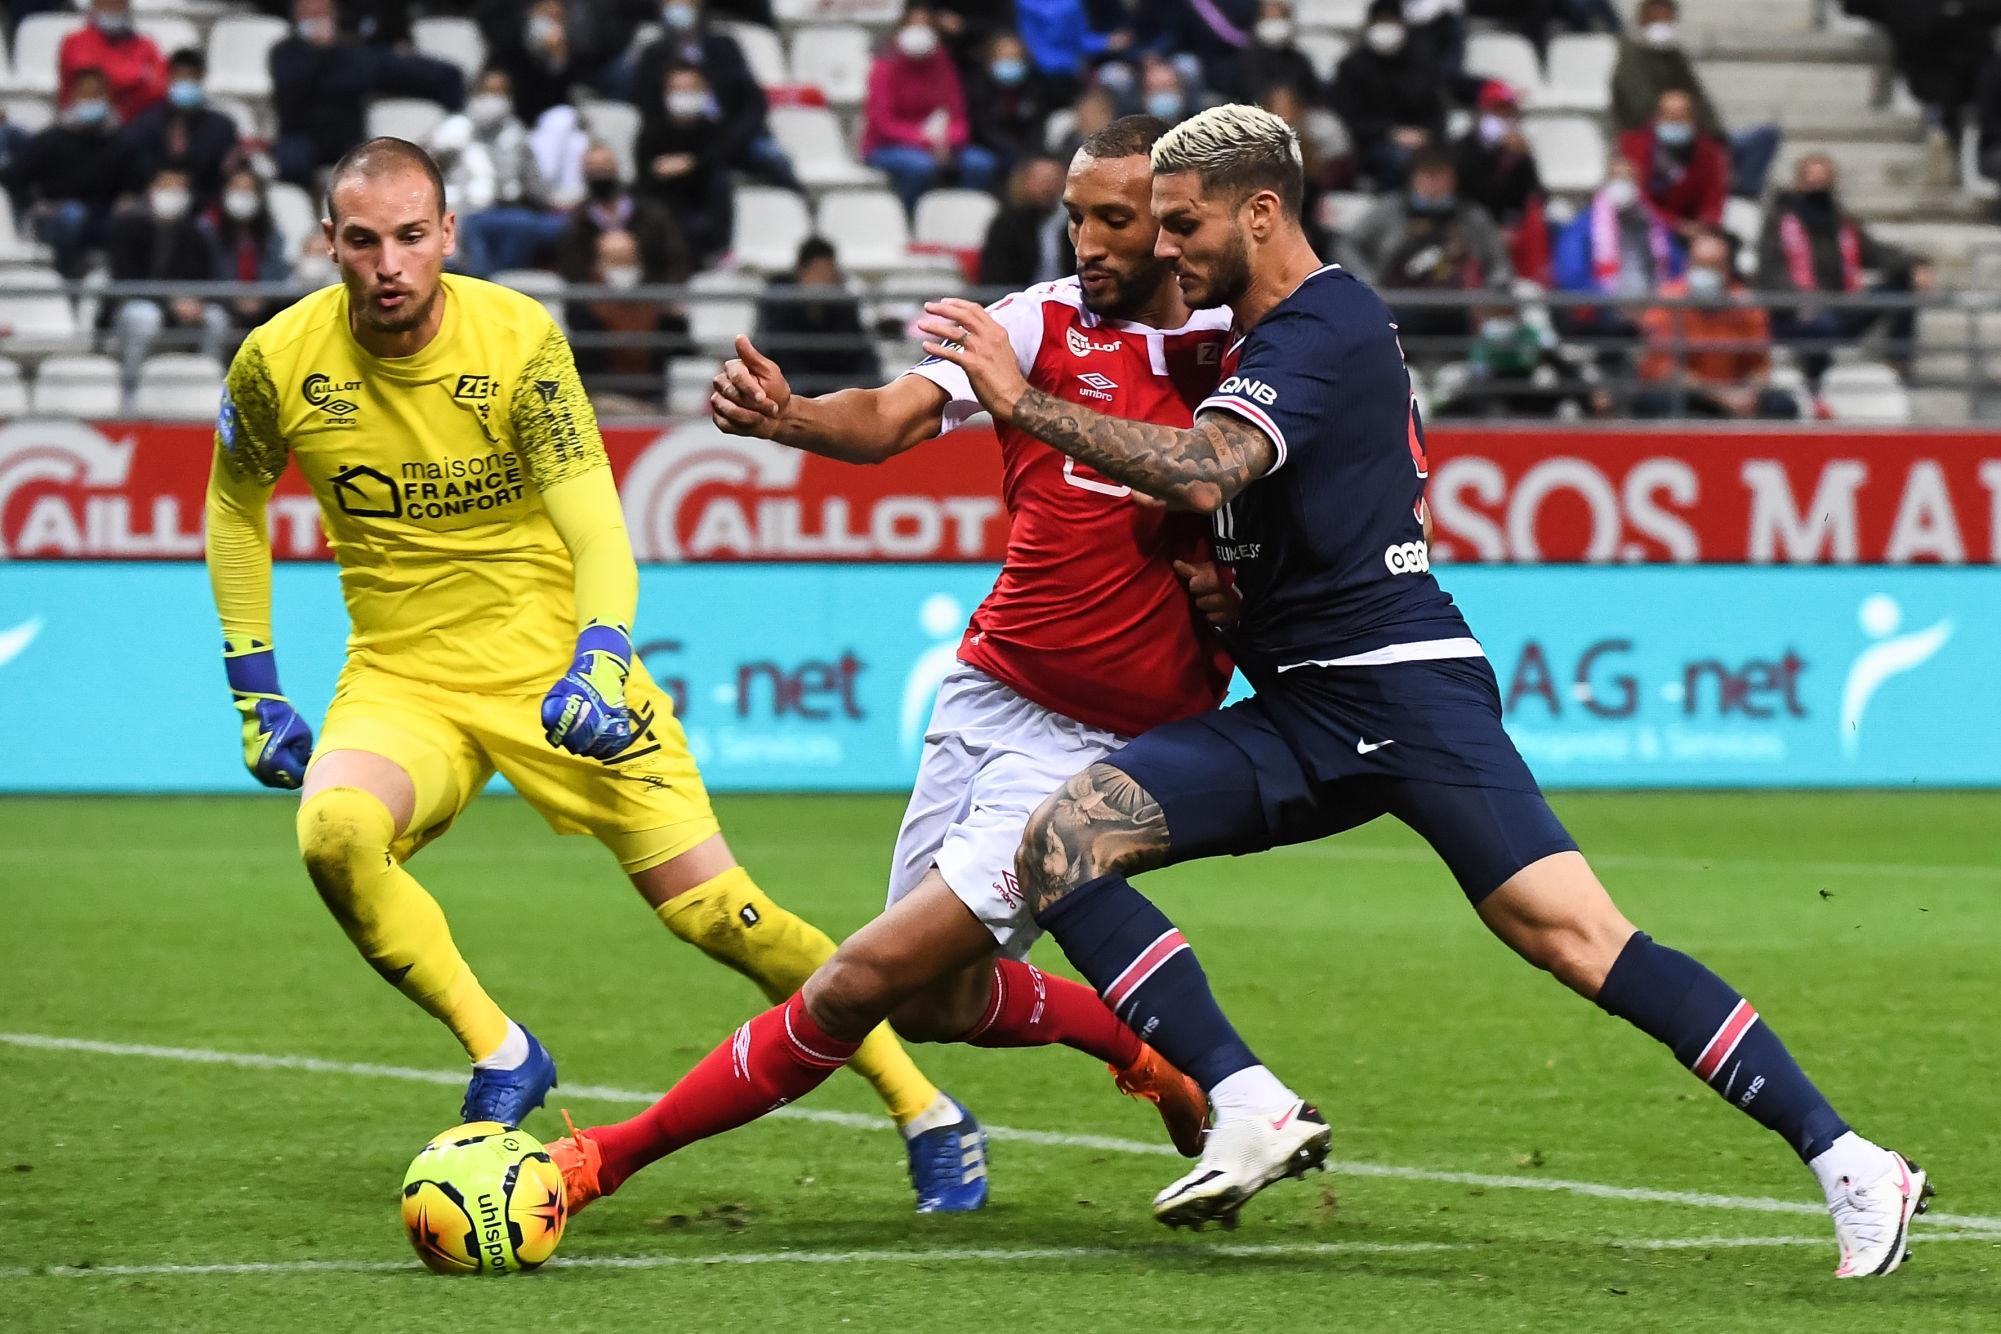 Reims/PSG - Abdelhamid souligne la qualité du PSG et regrette la timidité de son équipe